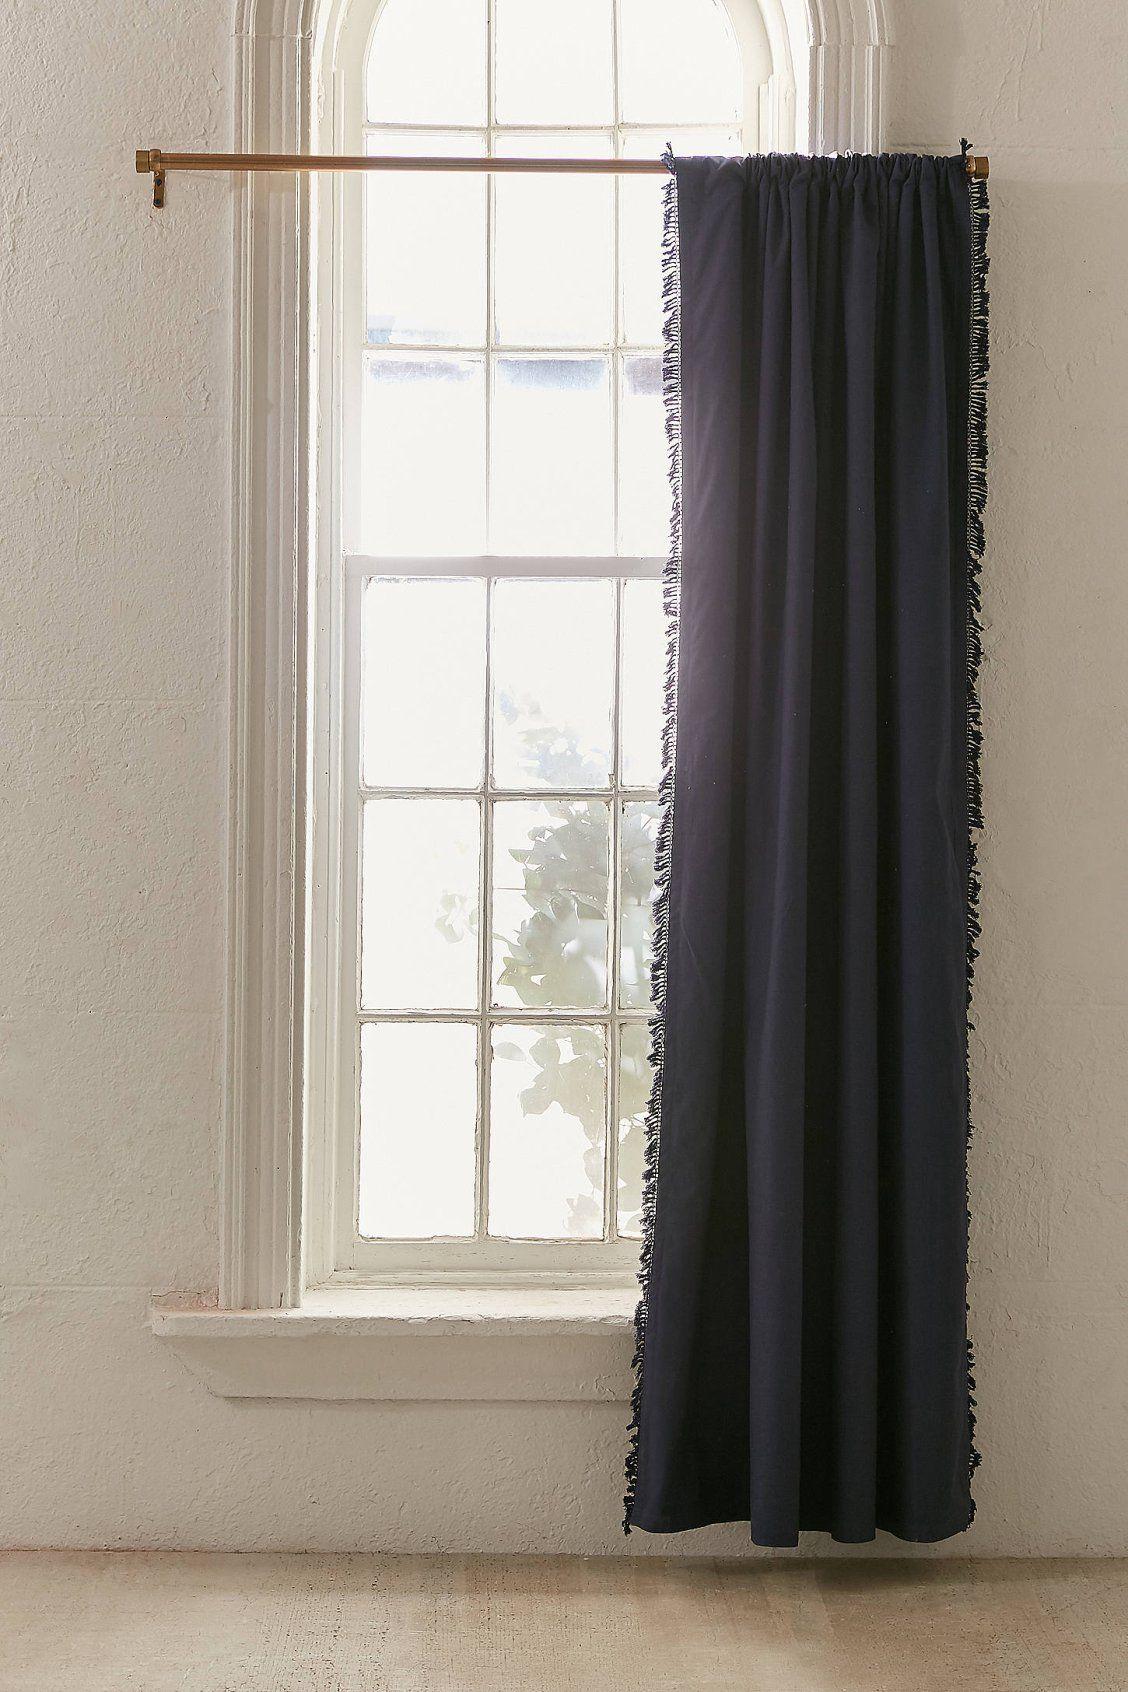 Emma Blackout Fringe Window Curtain Curtains Window Curtains Urban Outfitters Curtains